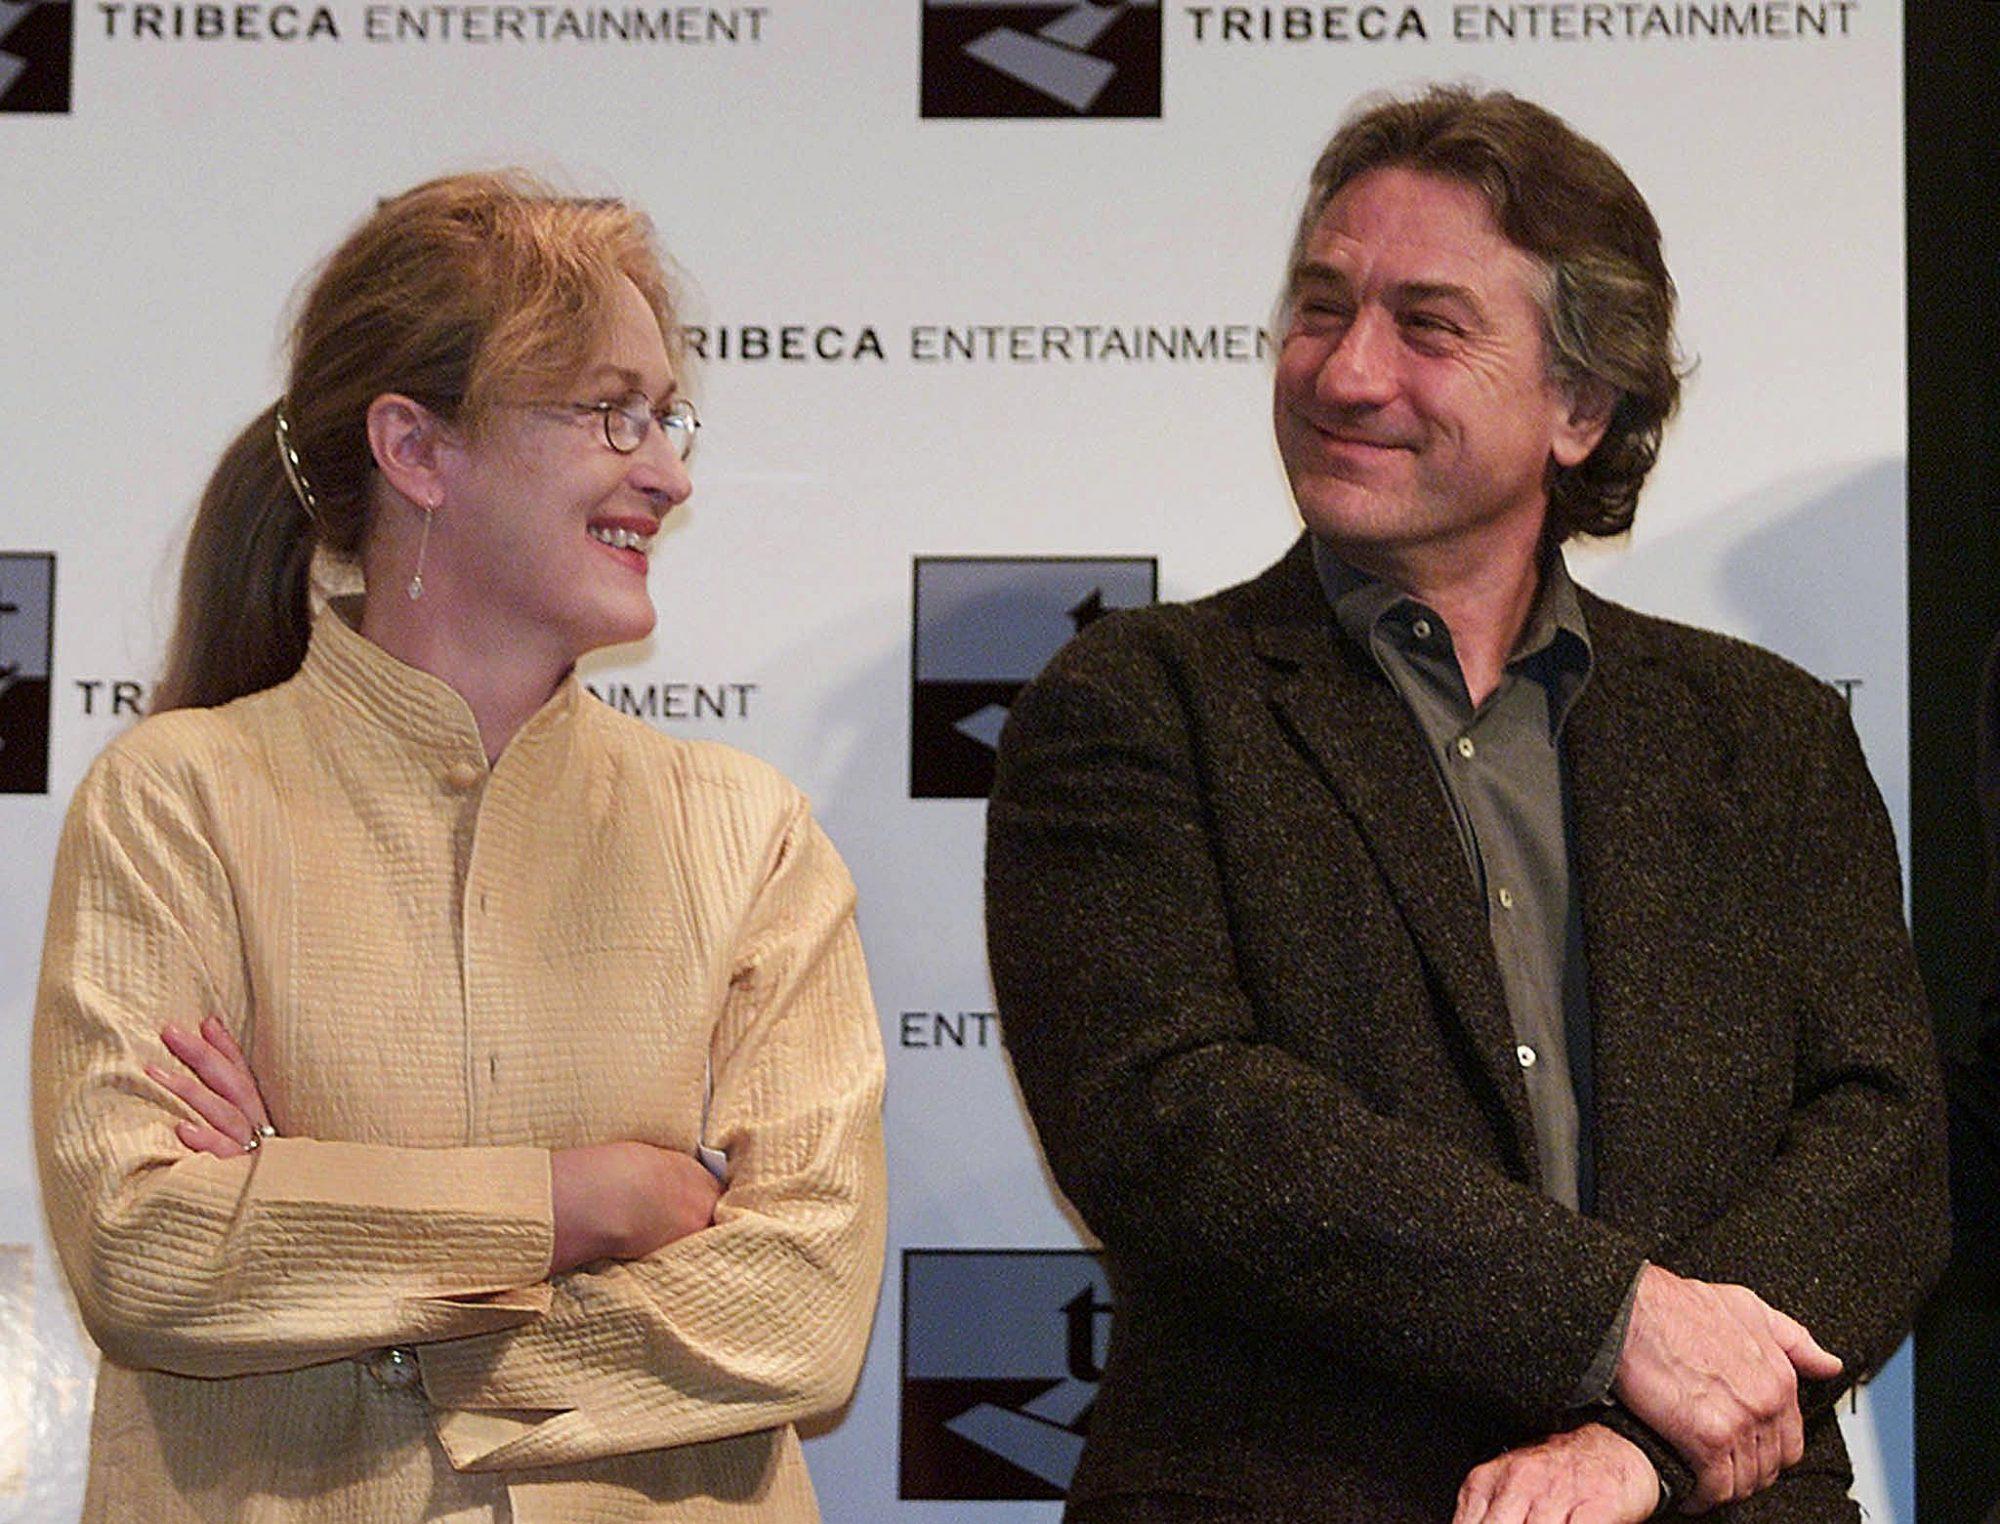 Robert-De-Niro-Meryl-Streep.jpg